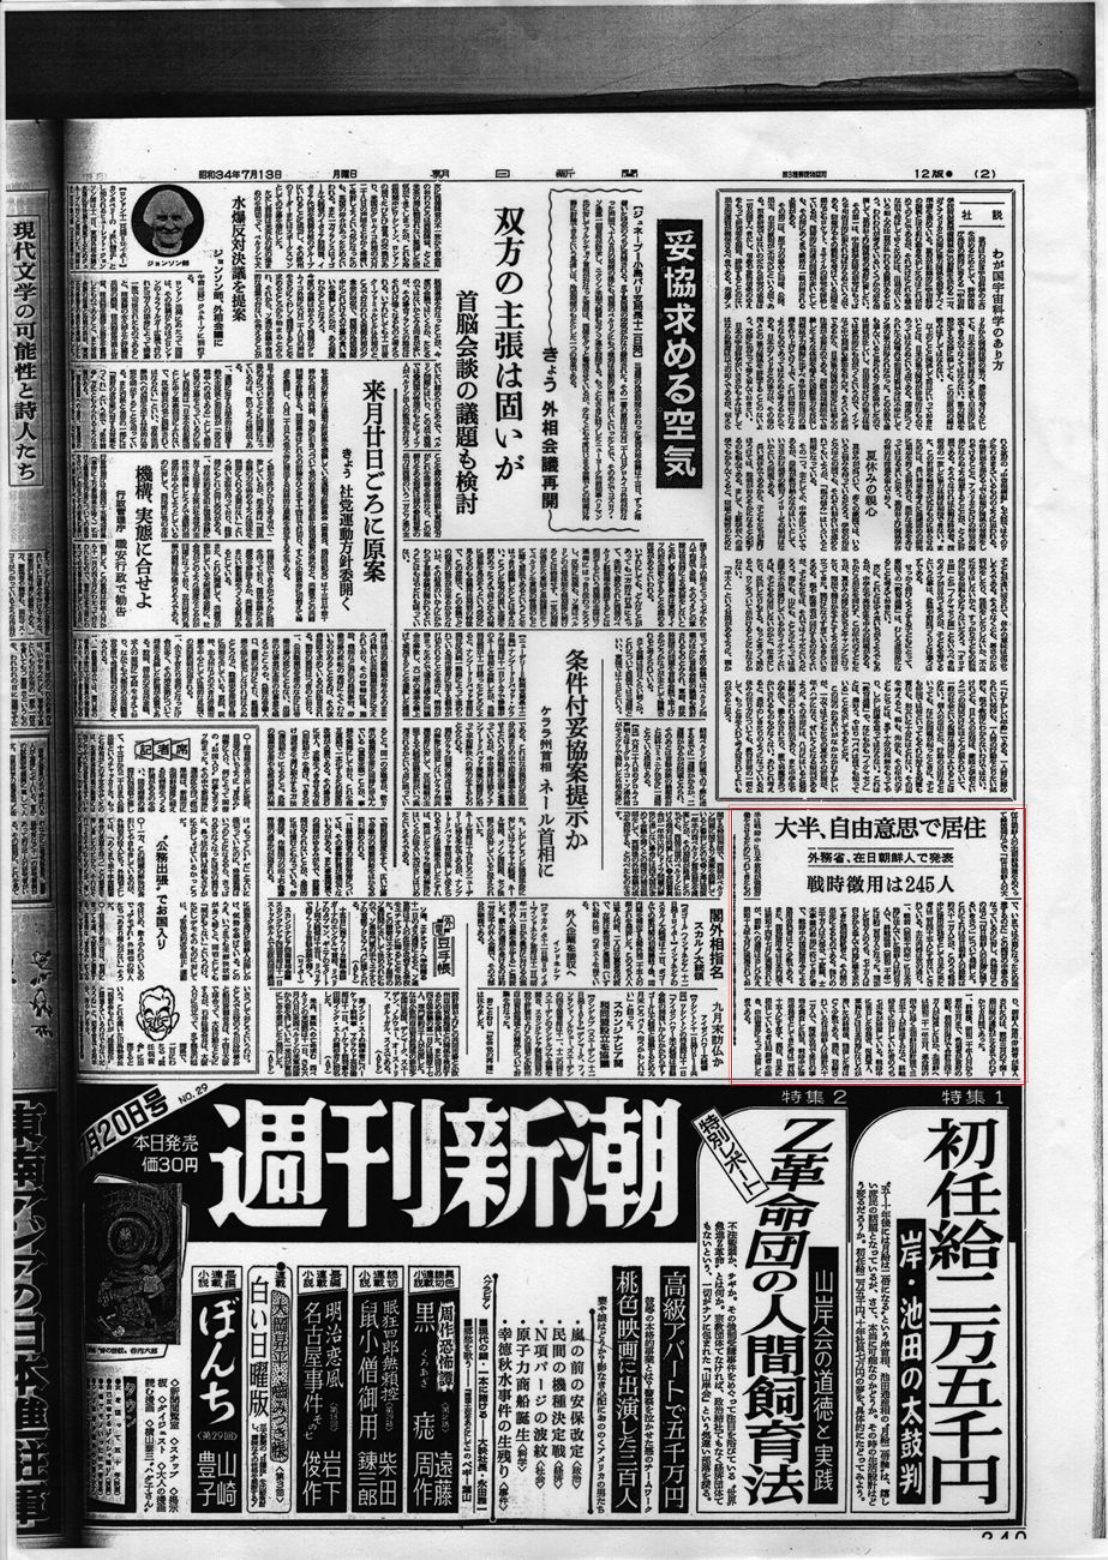 朝日新聞昭和34年7月13日付け